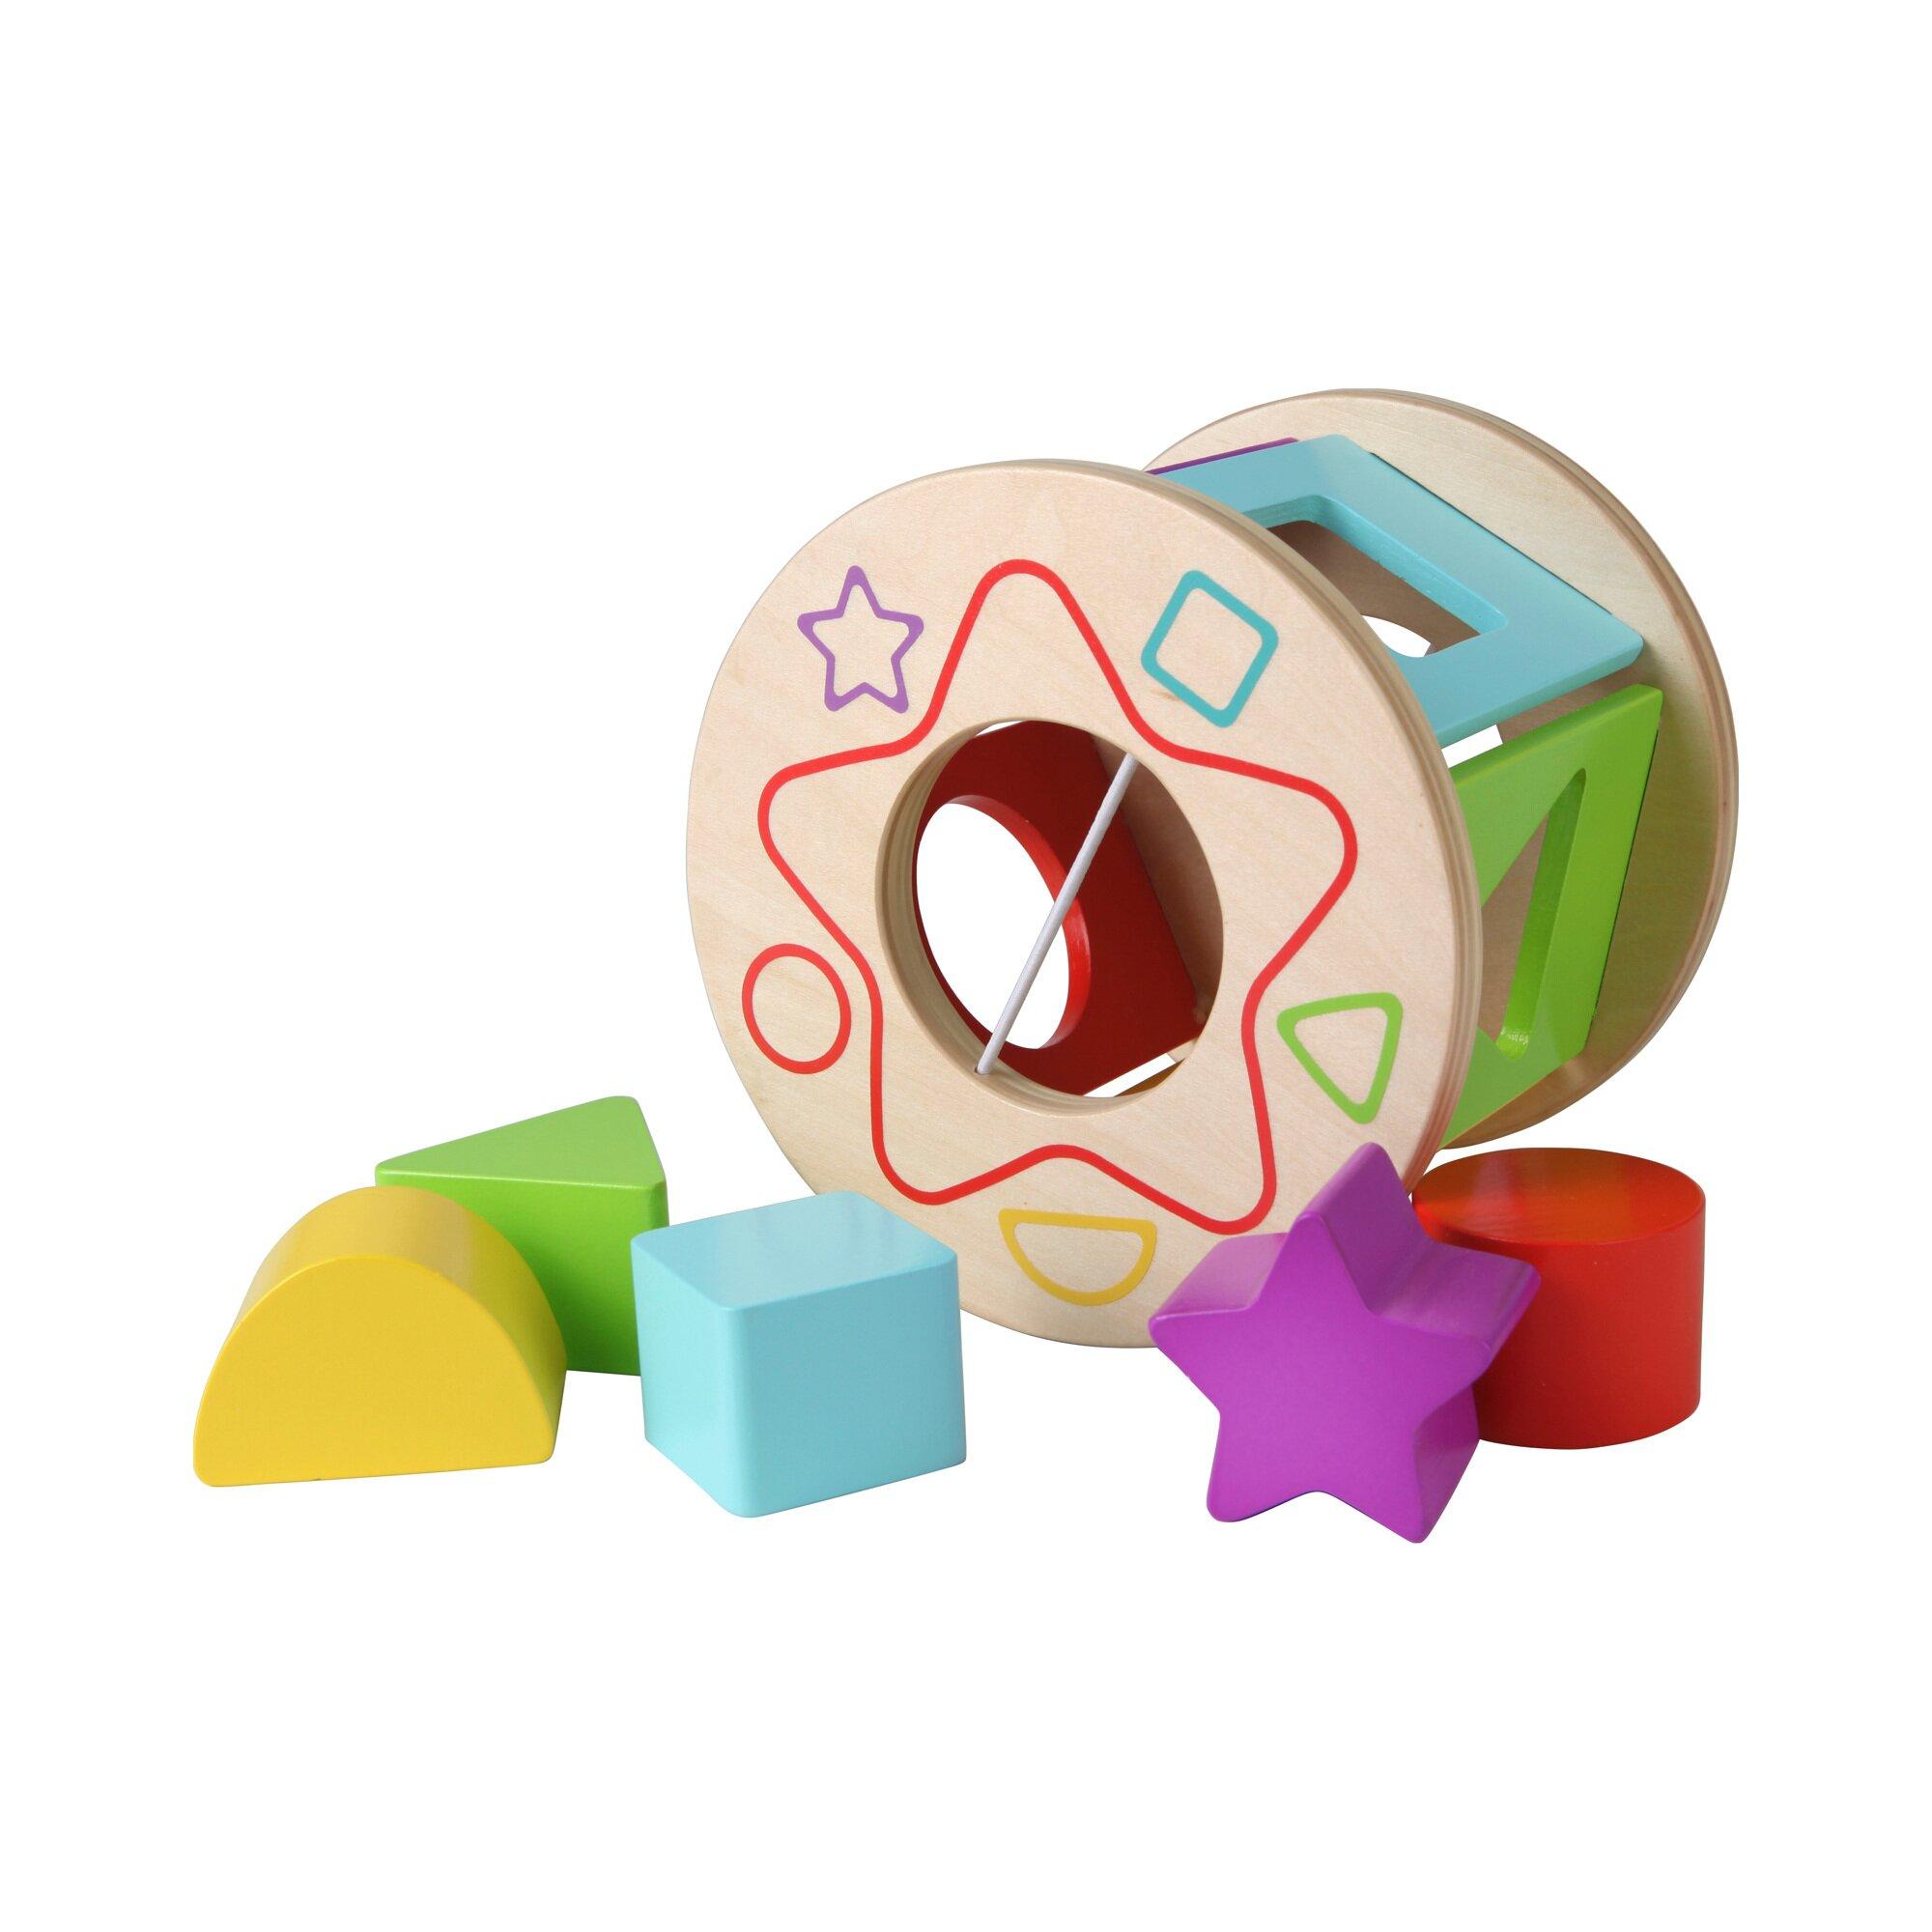 solini-sortierbox-farben-formen